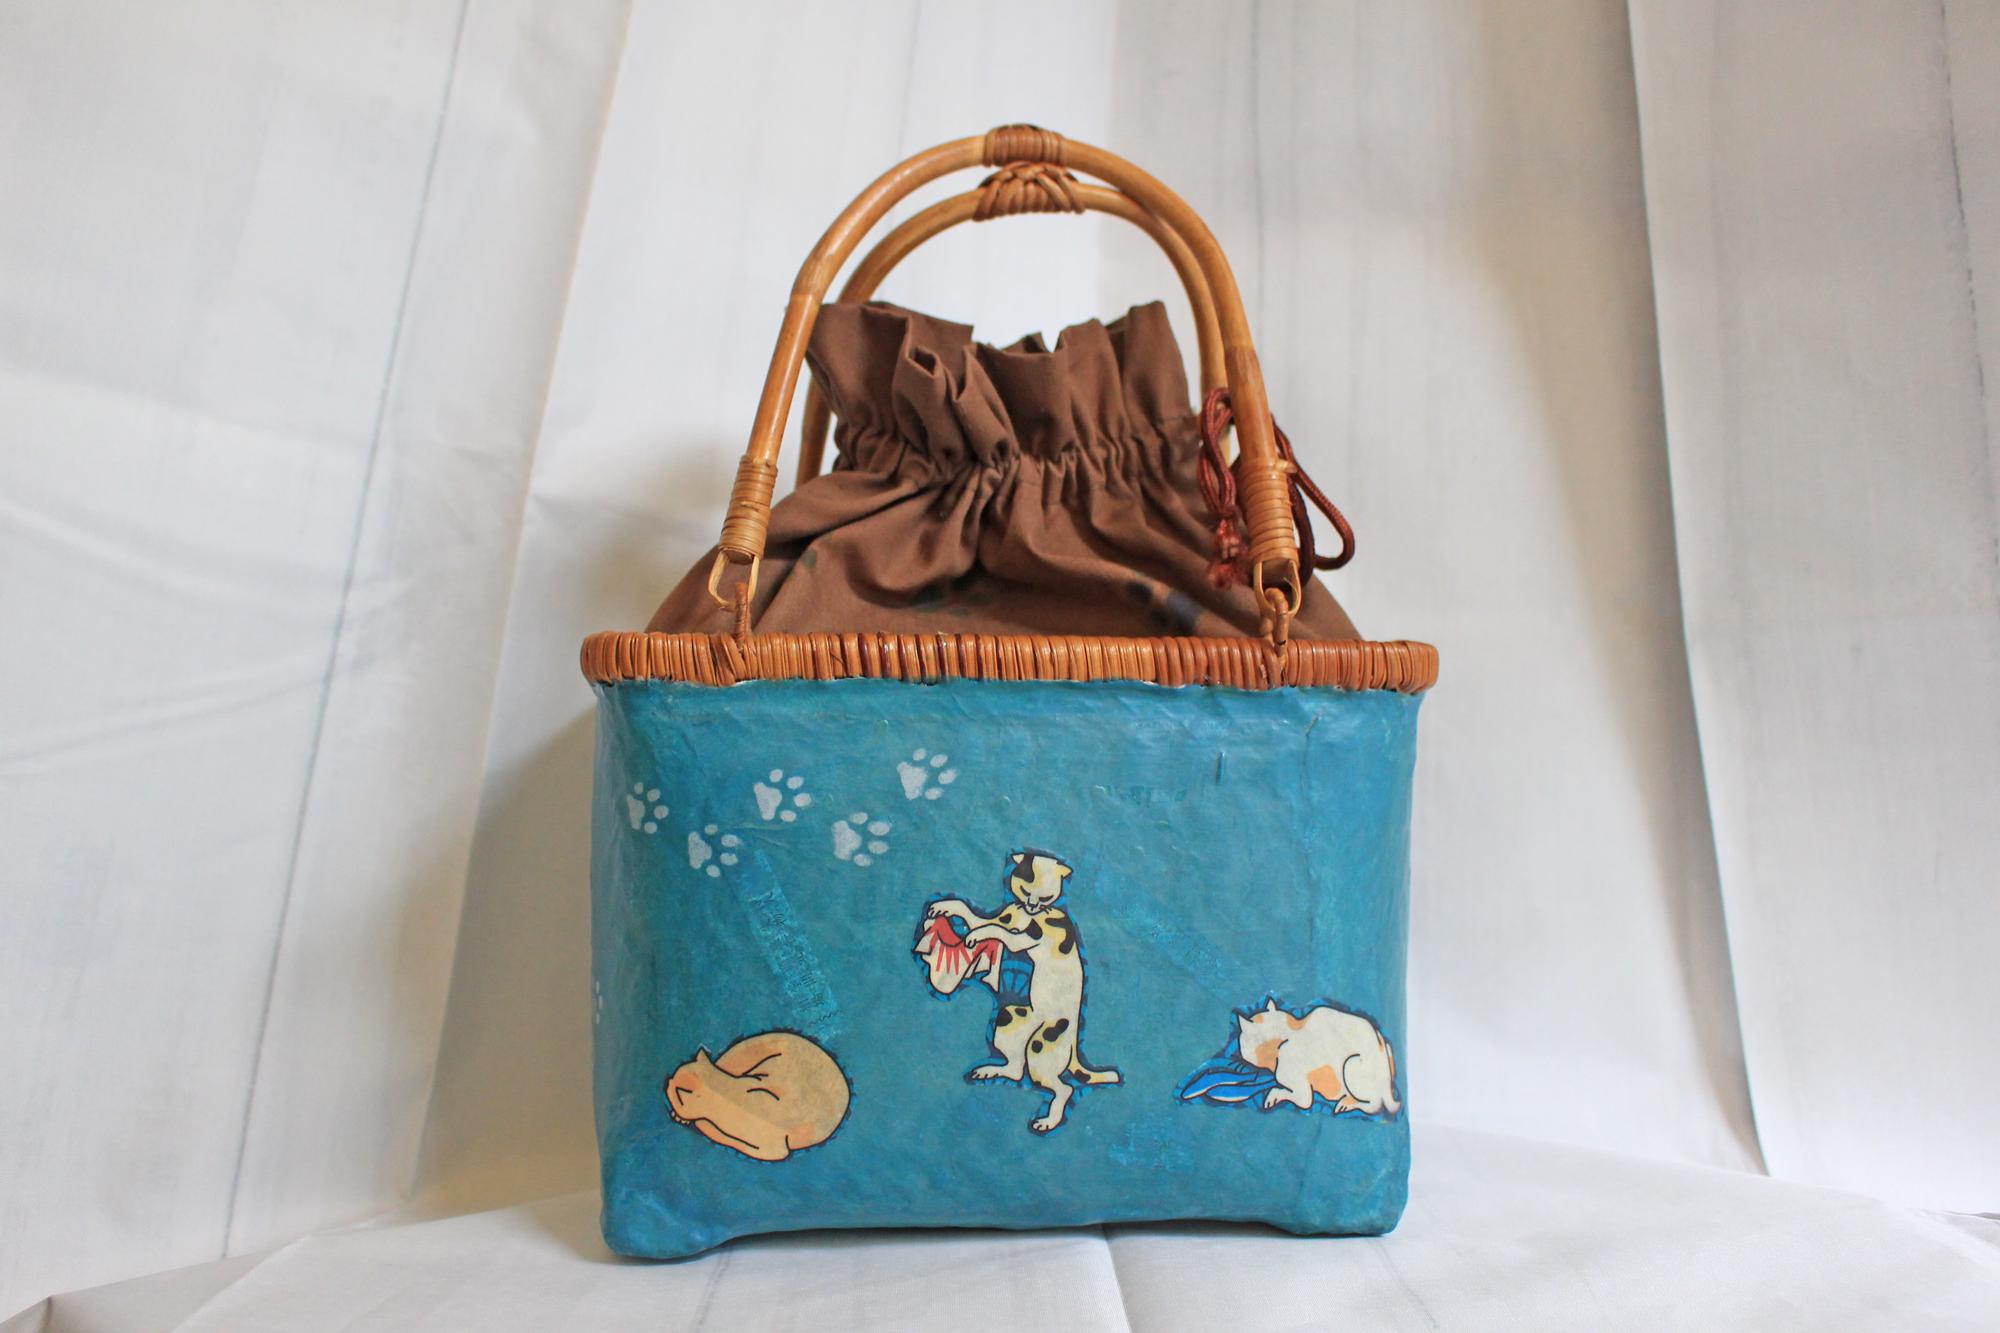 おみくじ入り和紙青色浮世絵猫柄かごバッグSサイズ